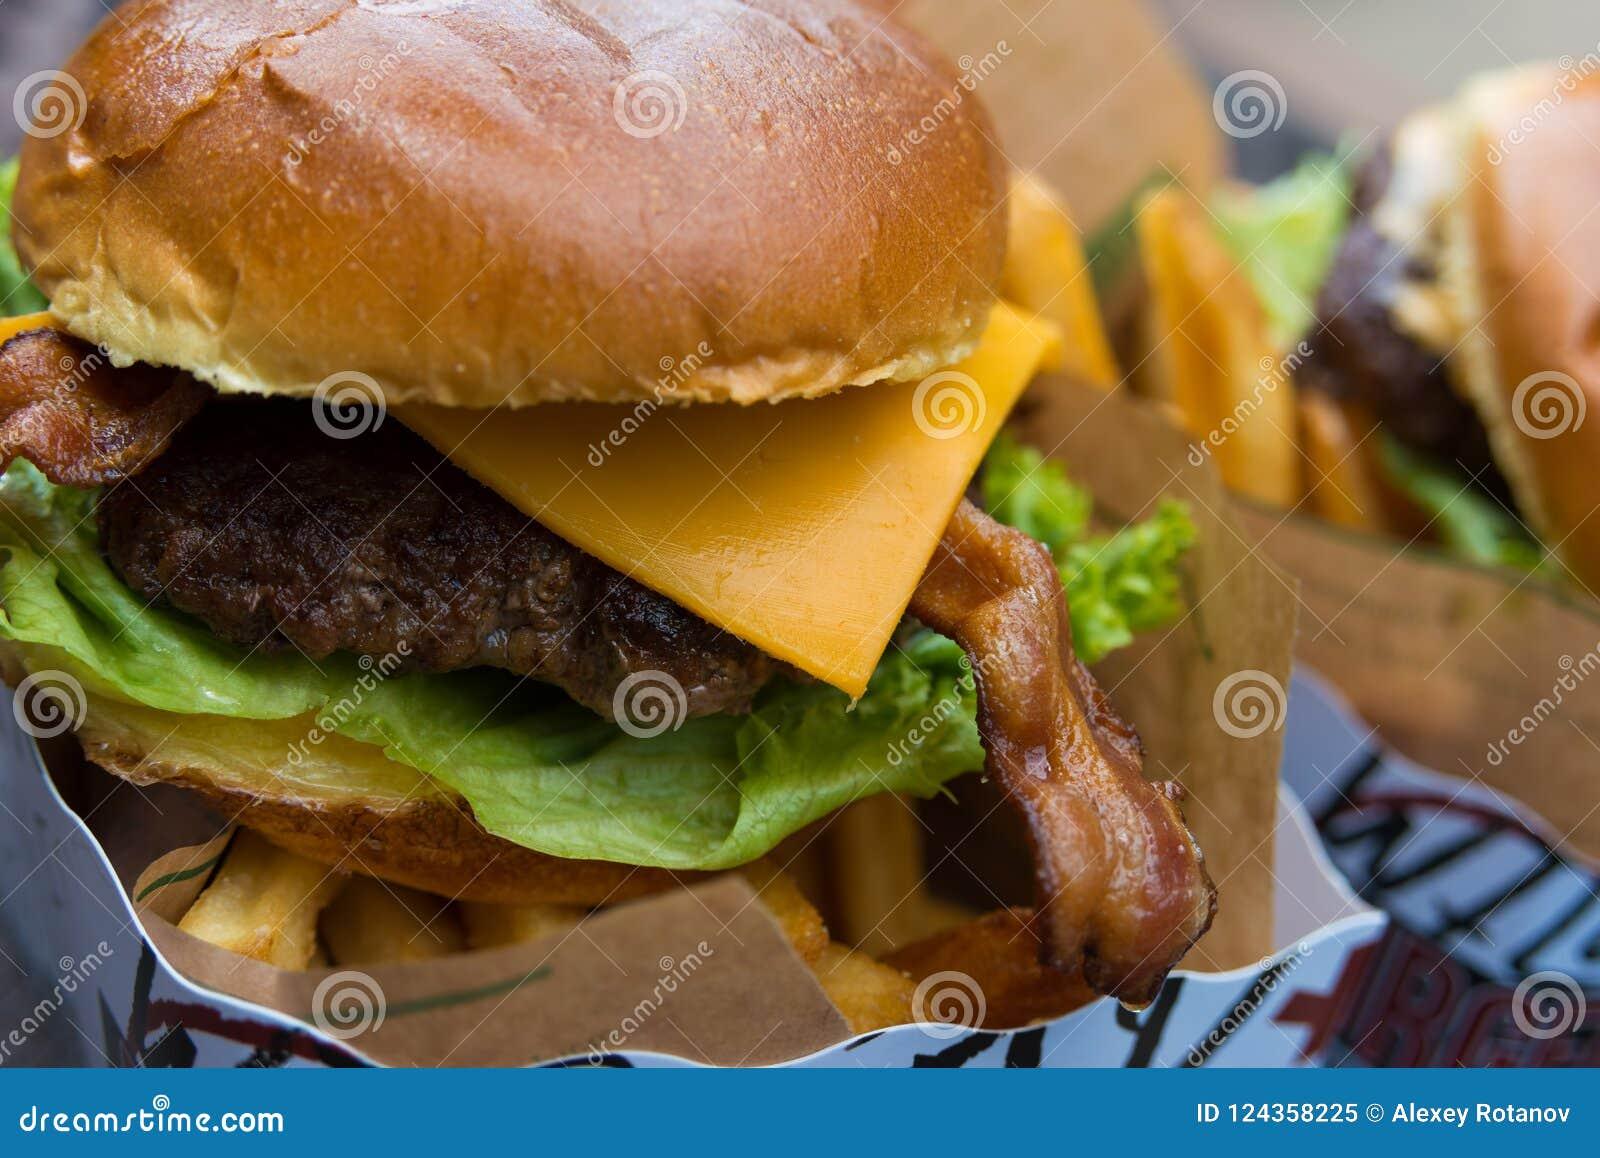 Heerlijke verse hamburger dichte omhooggaand Selectieve nadruk met ondiepe diepte van gebied